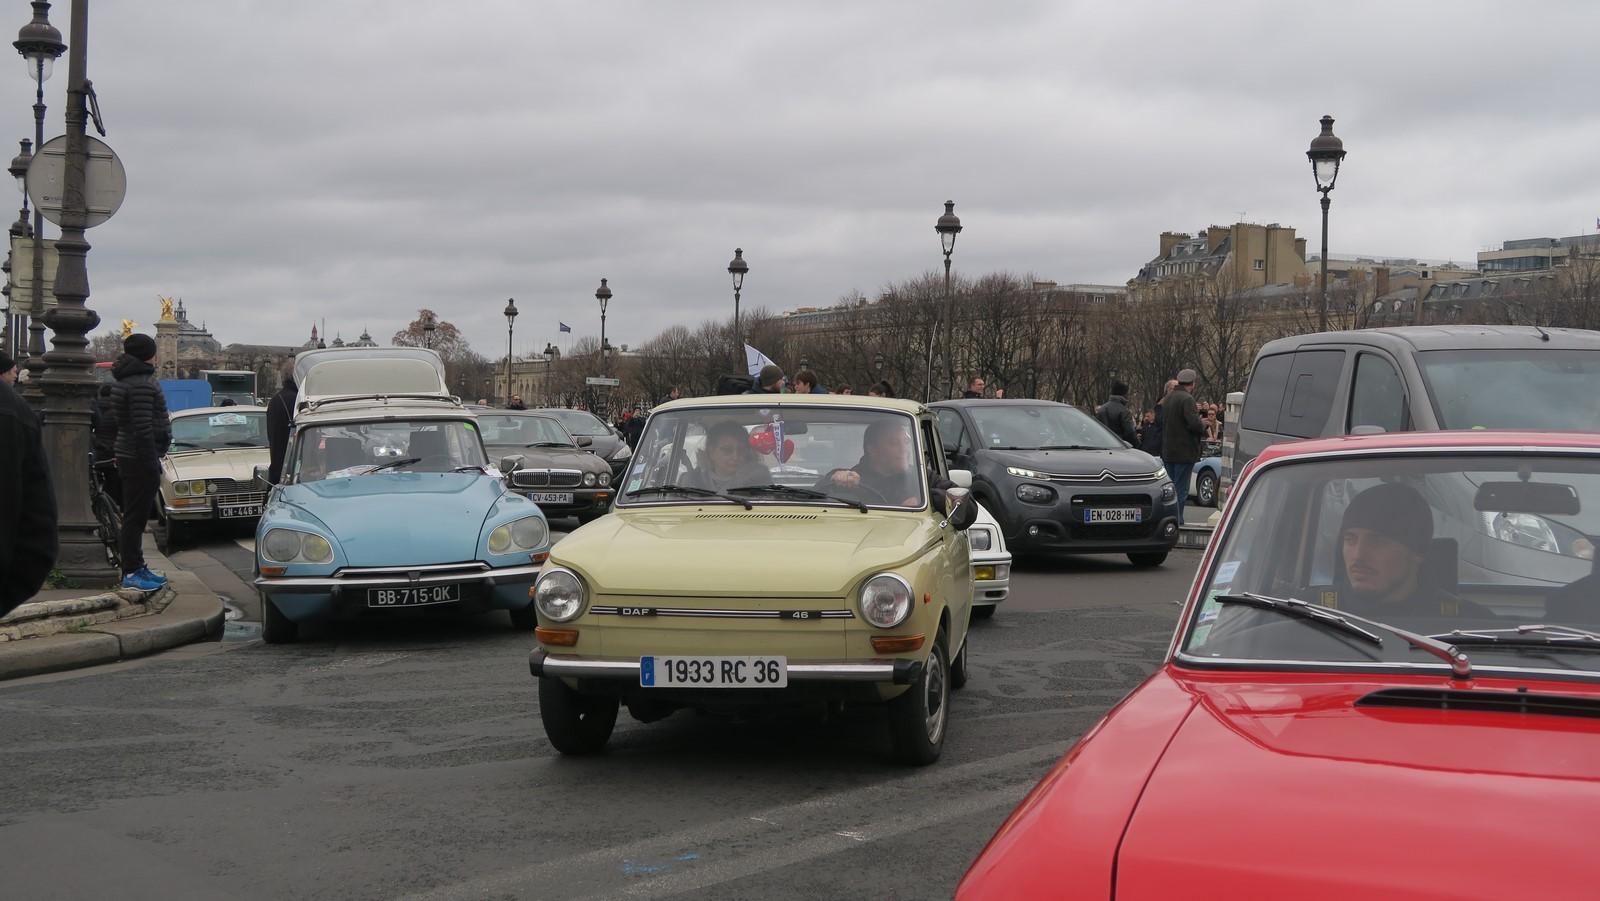 Traversee de Paris hivernale 2019 FM 118